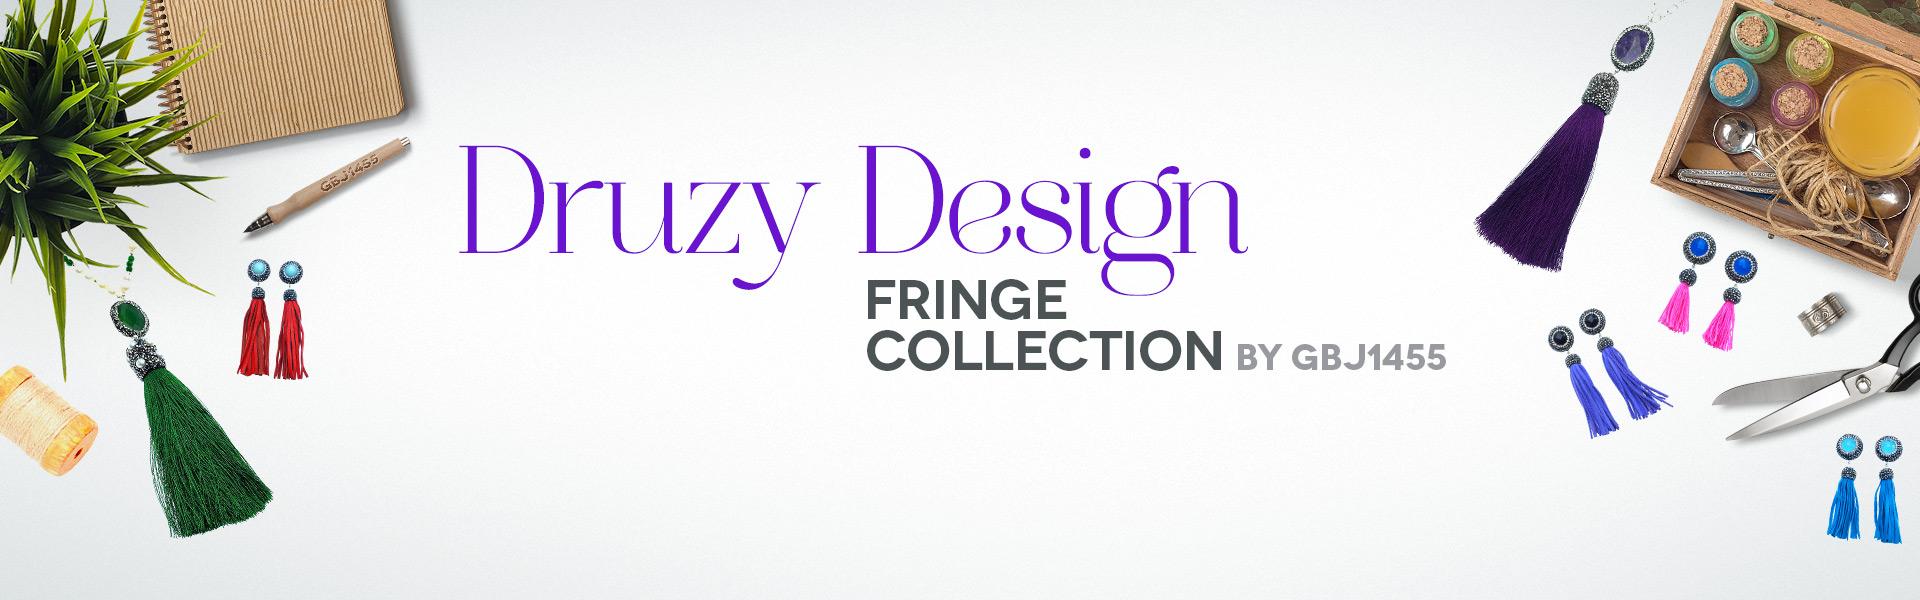 Druzy Design Fringe Collection